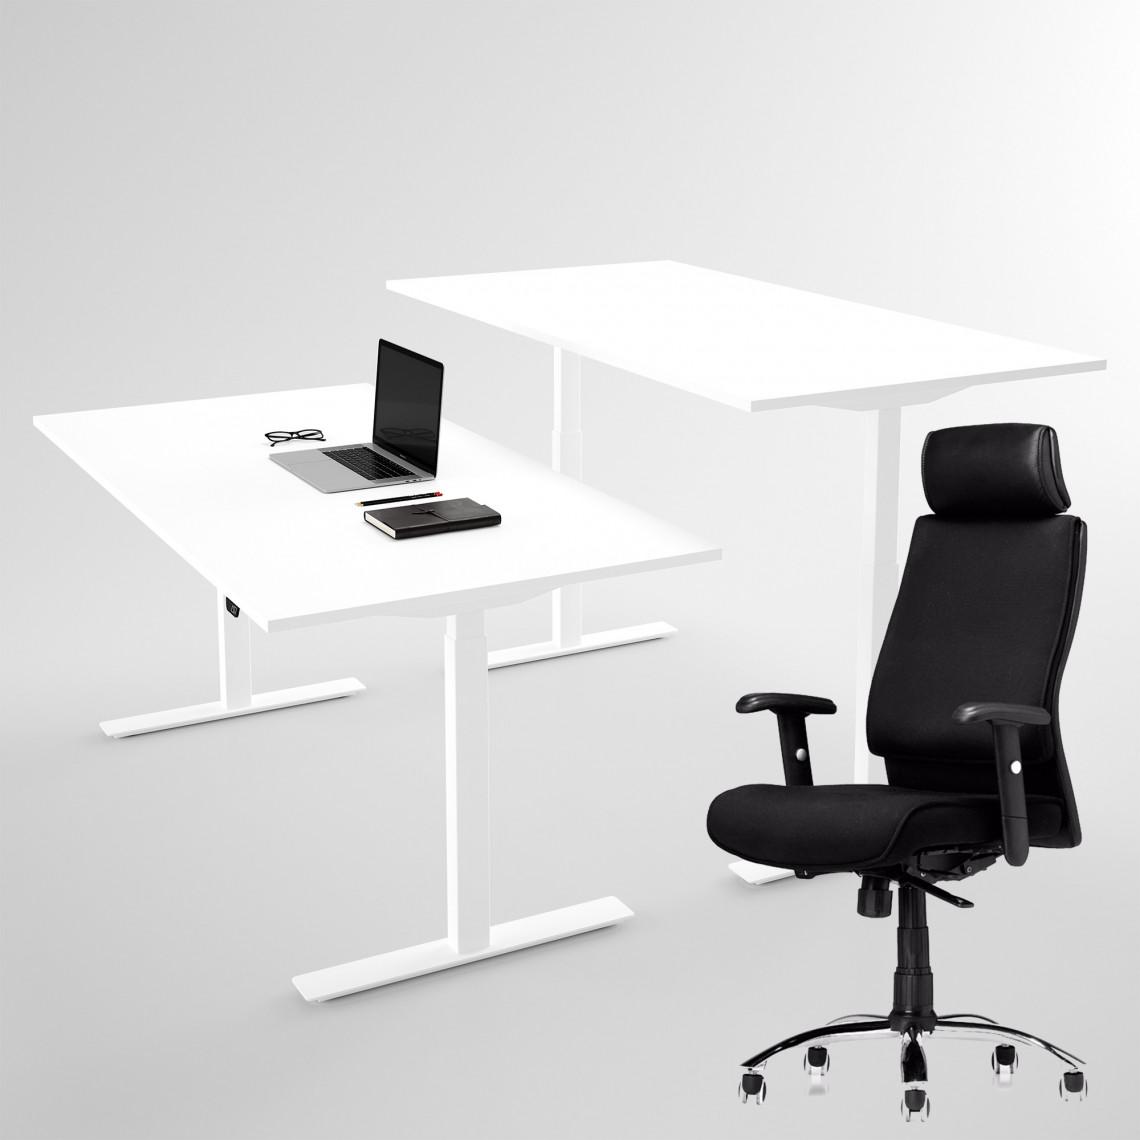 AS6000, kontorsstol + höj- och sänkbart skrivbord vitt 100x60 cm - Komplett arbetsplats